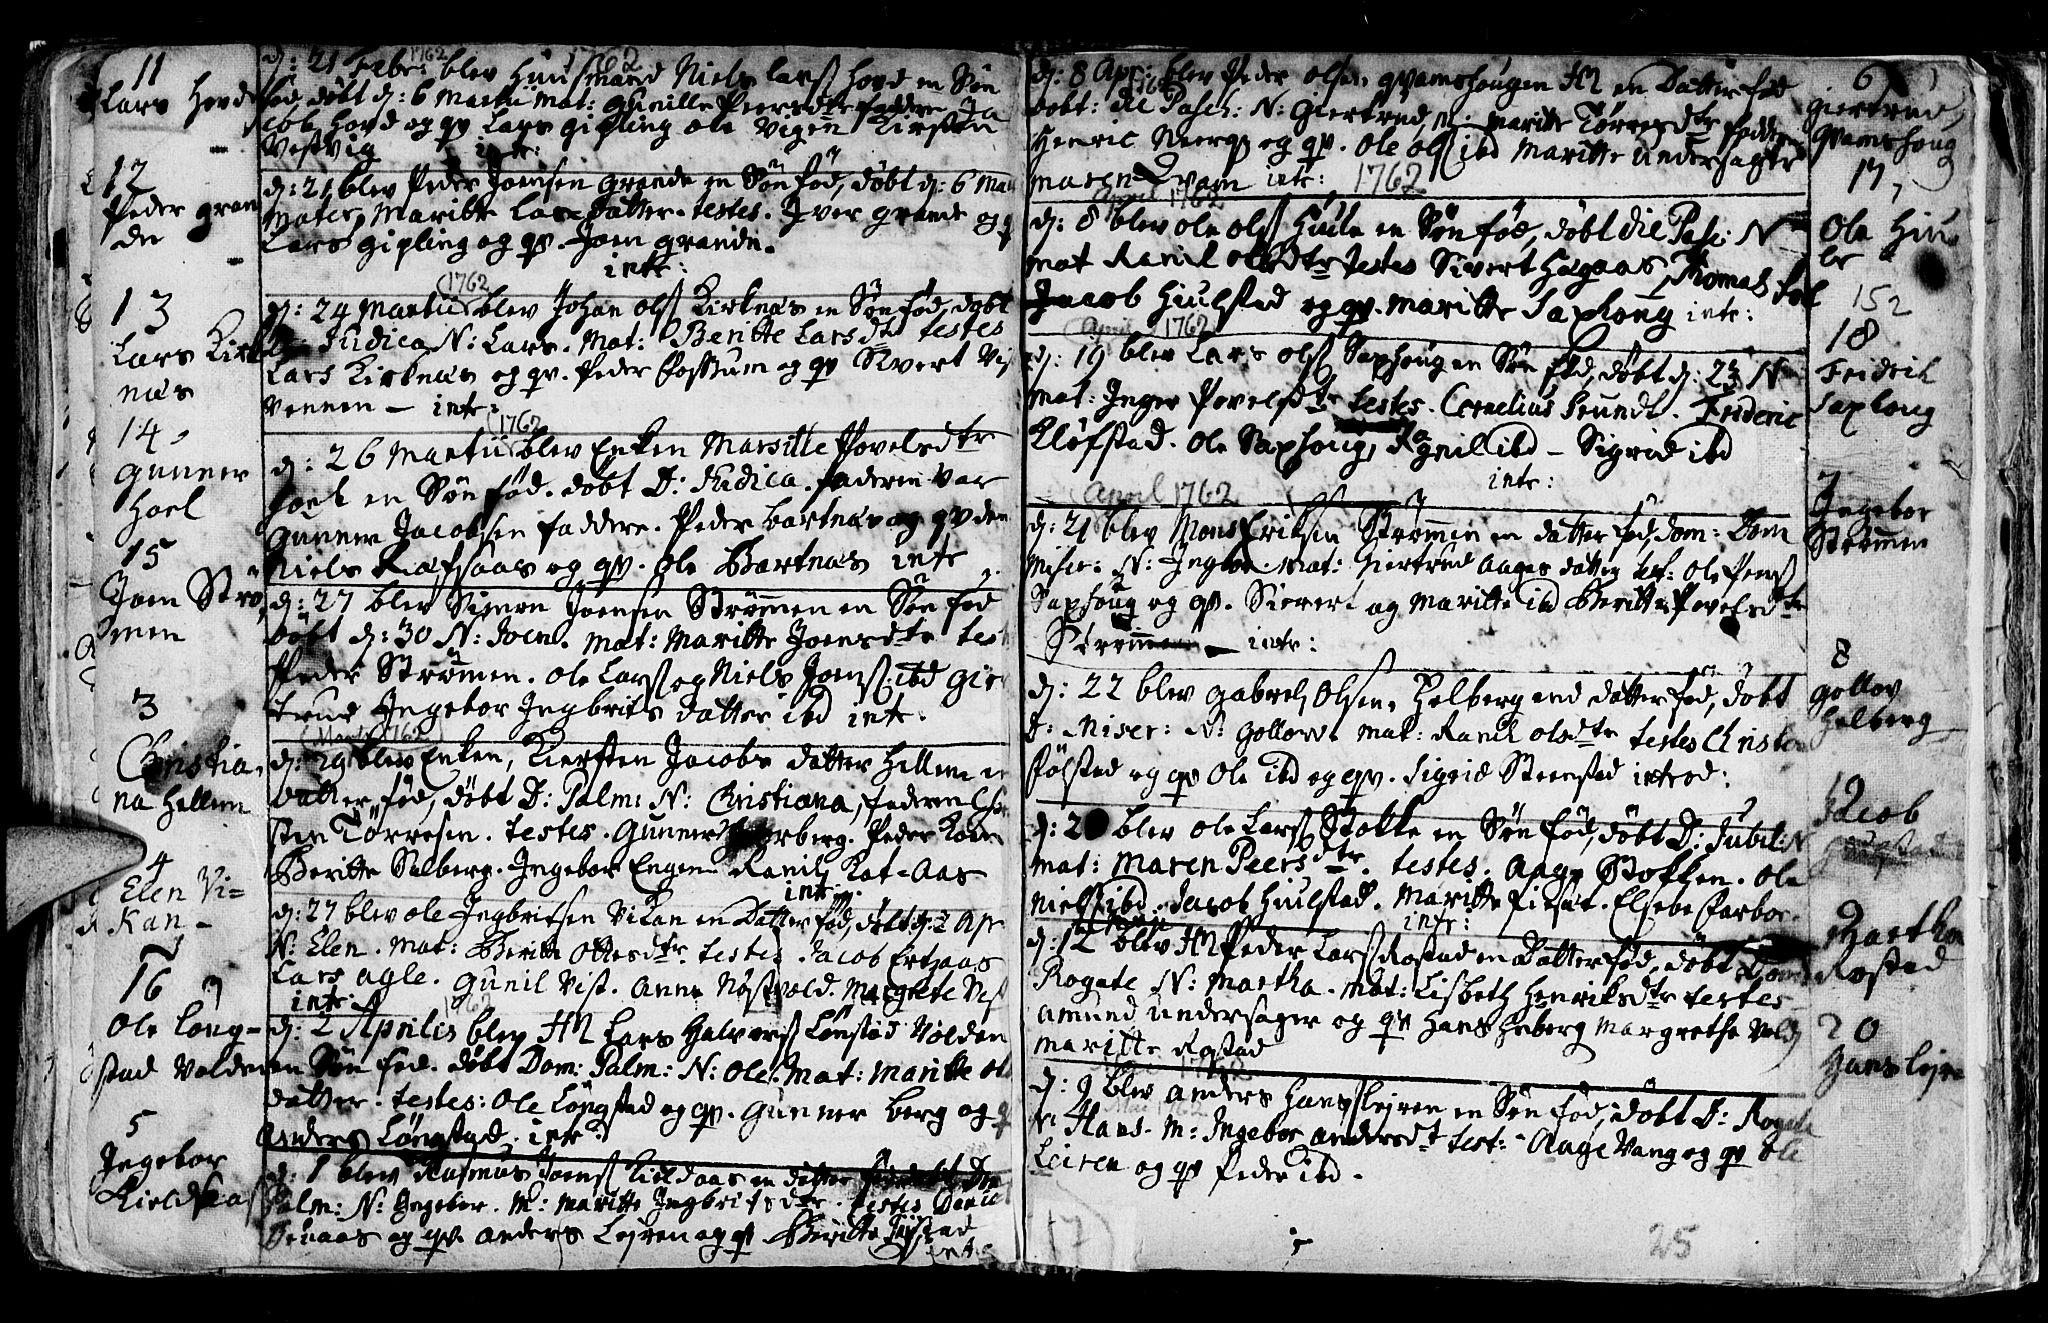 SAT, Ministerialprotokoller, klokkerbøker og fødselsregistre - Nord-Trøndelag, 730/L0272: Ministerialbok nr. 730A01, 1733-1764, s. 152